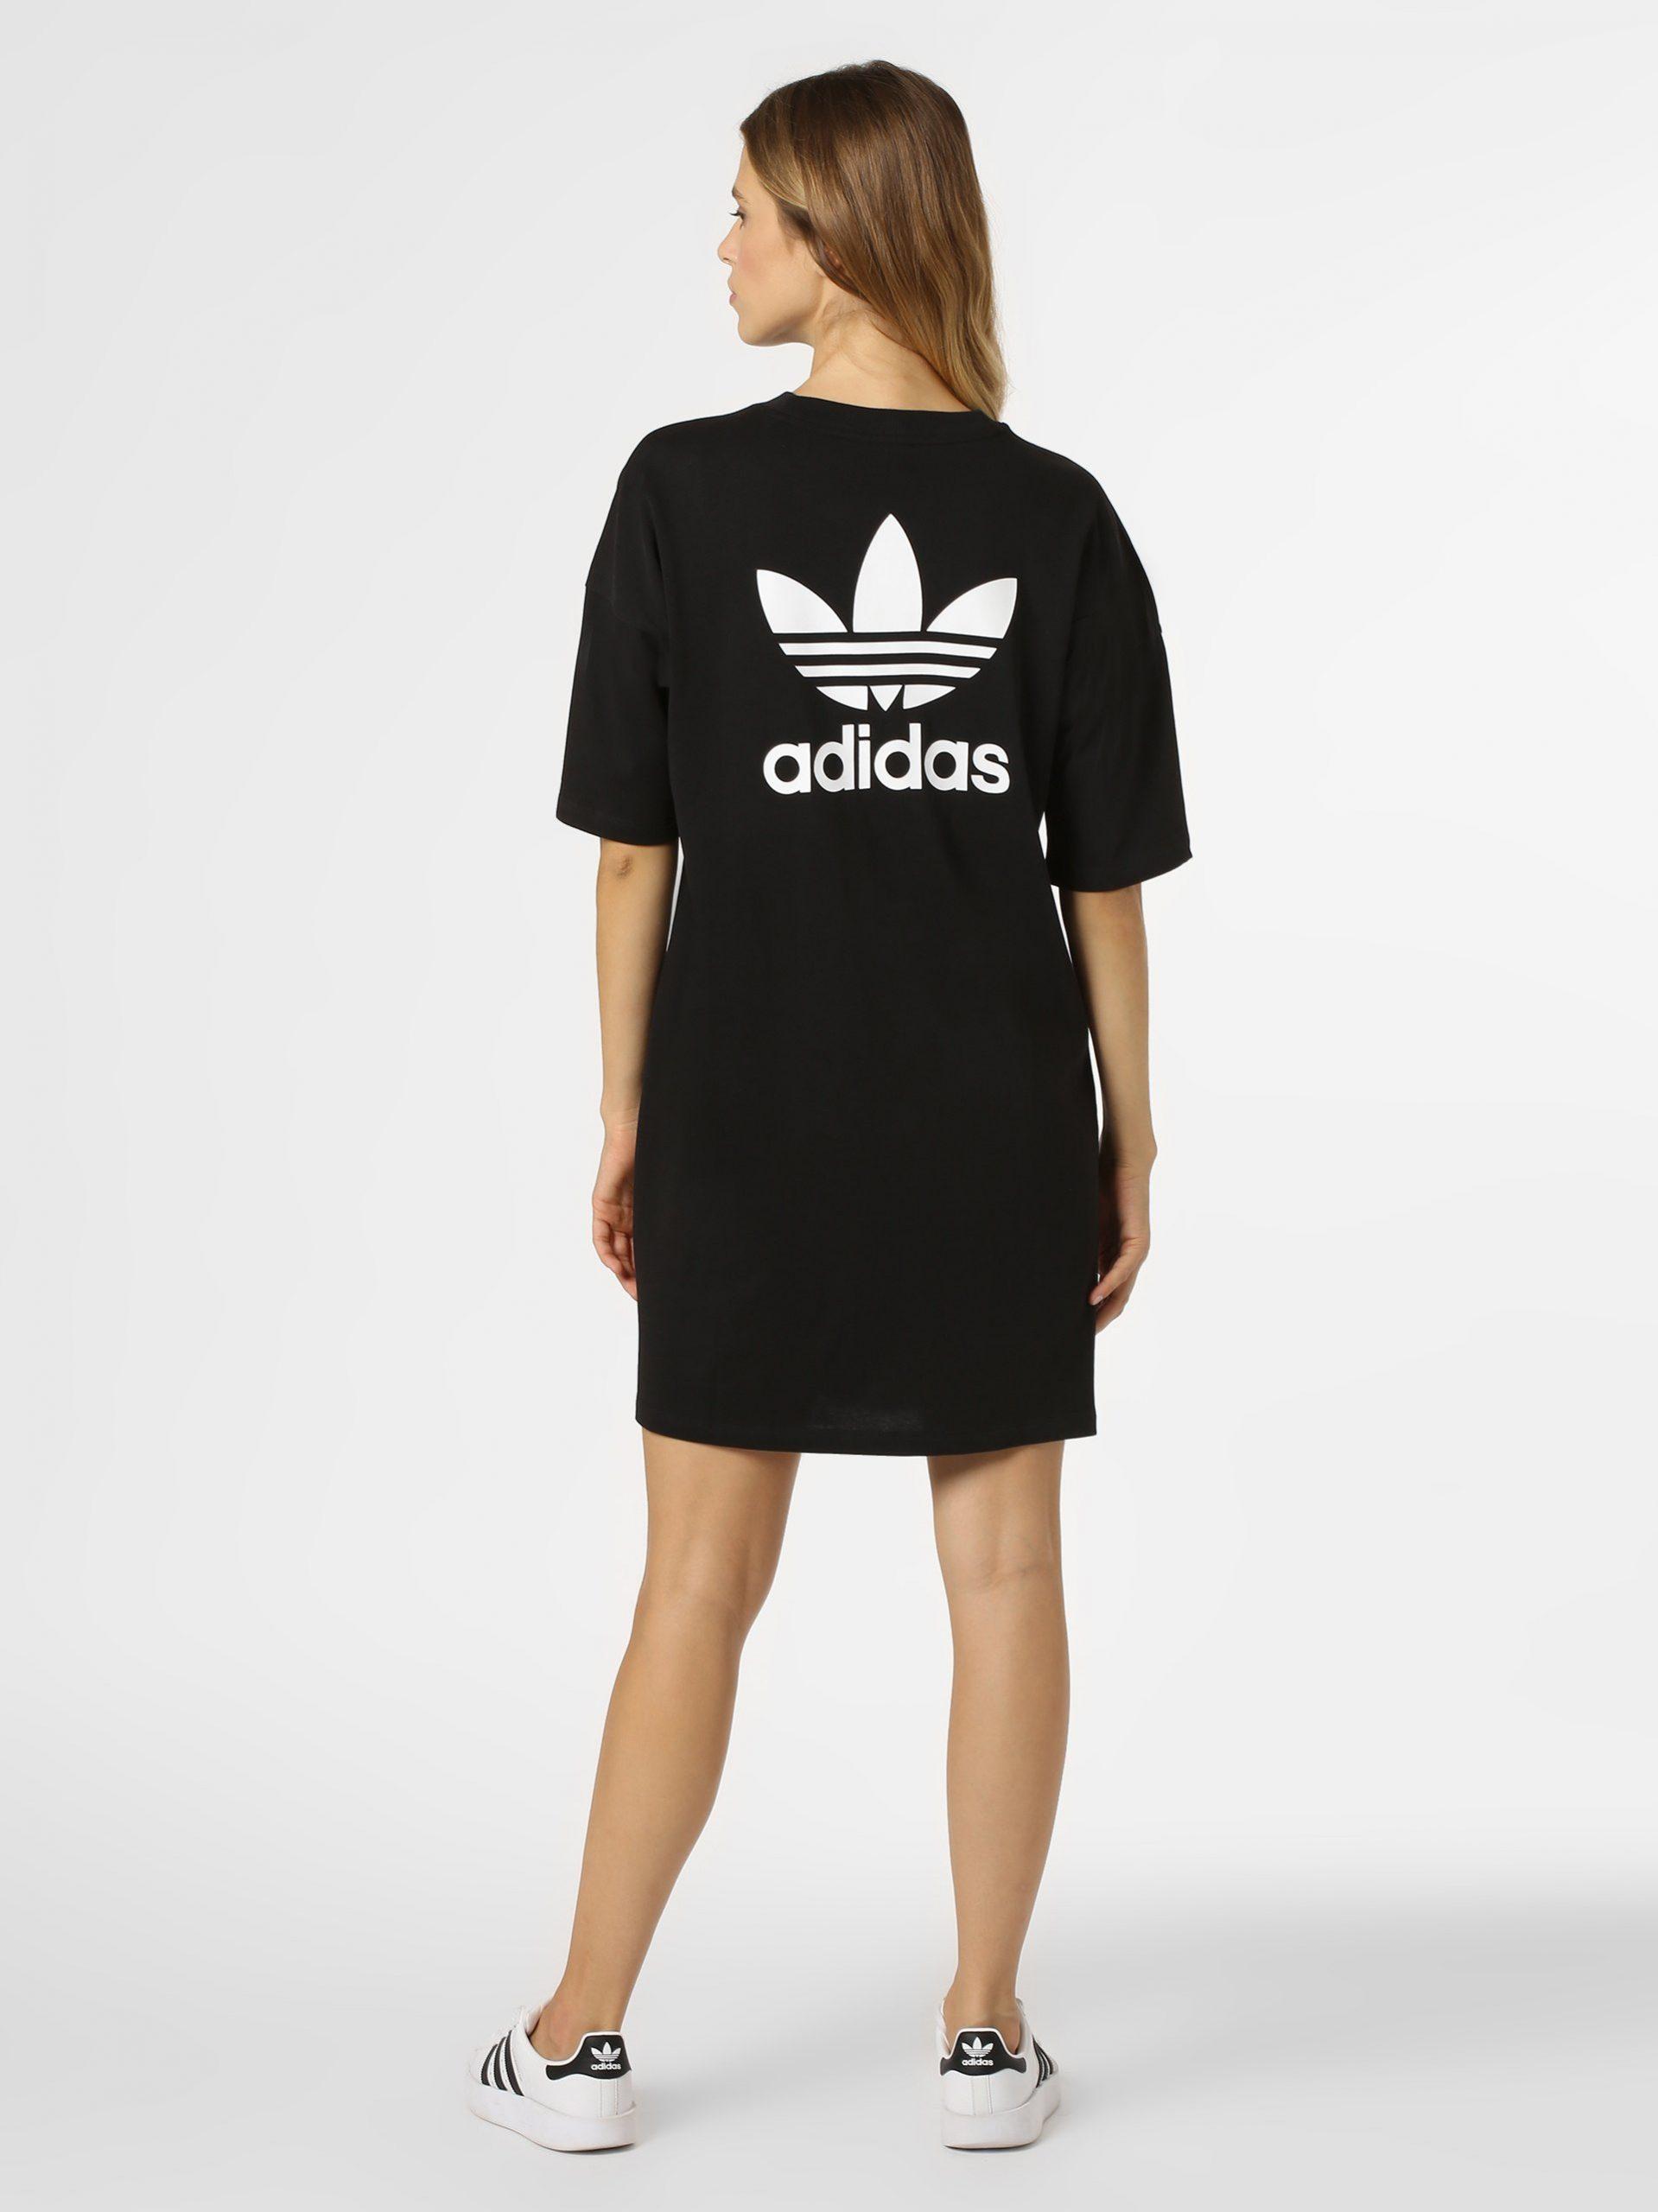 Adidas Originals Damen Kleid Online Kaufen  Peekund